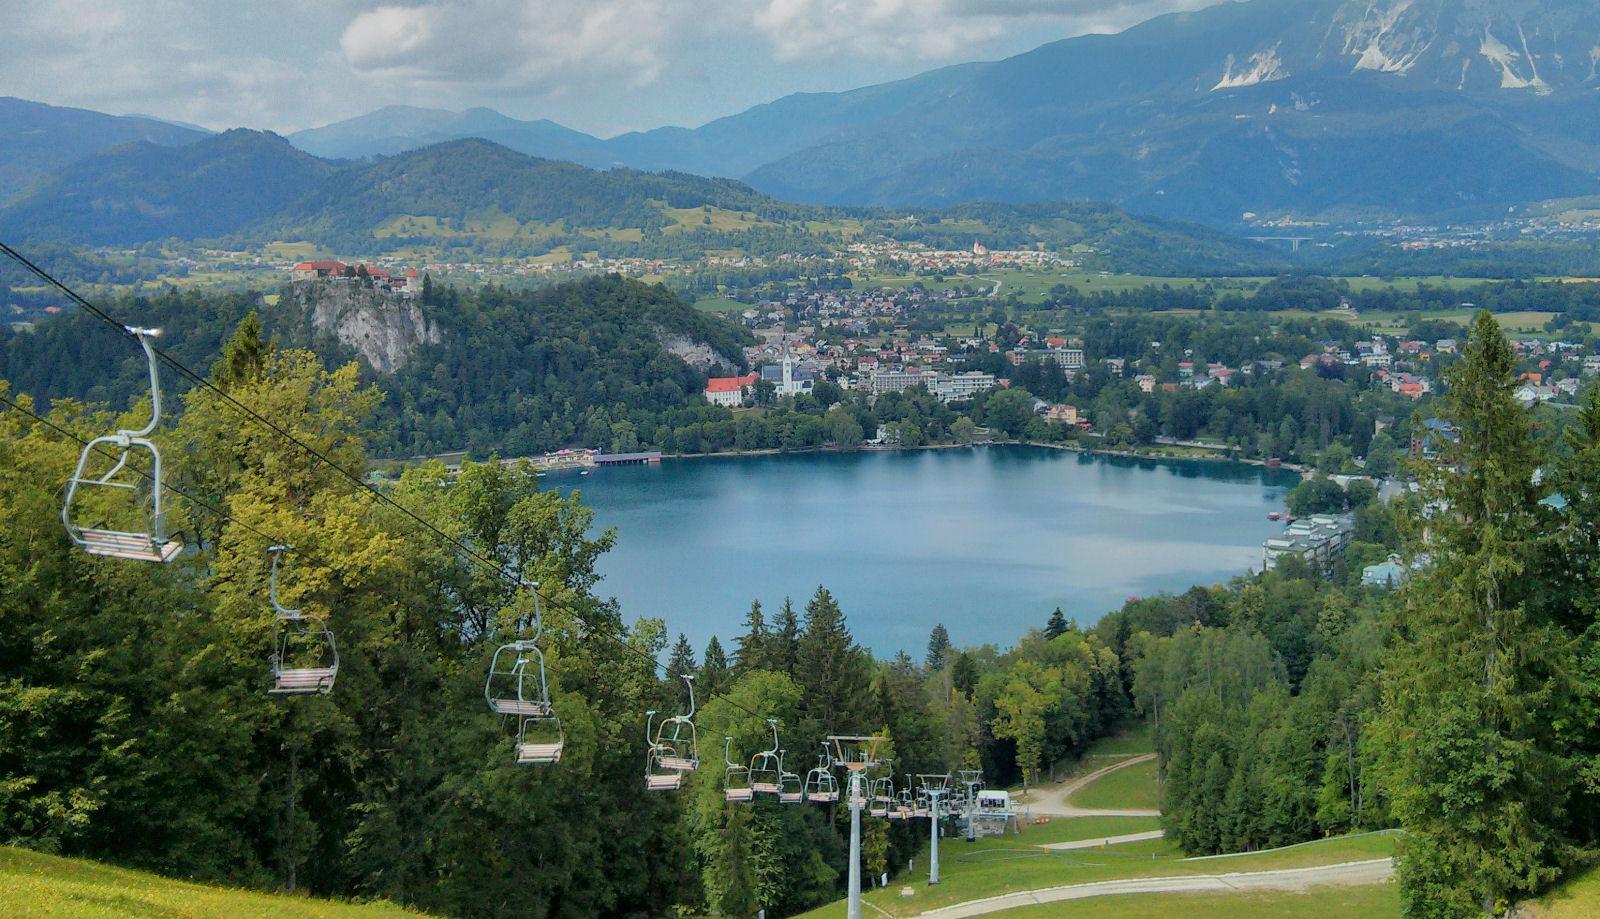 straza-hill-lake-bled-slovenia